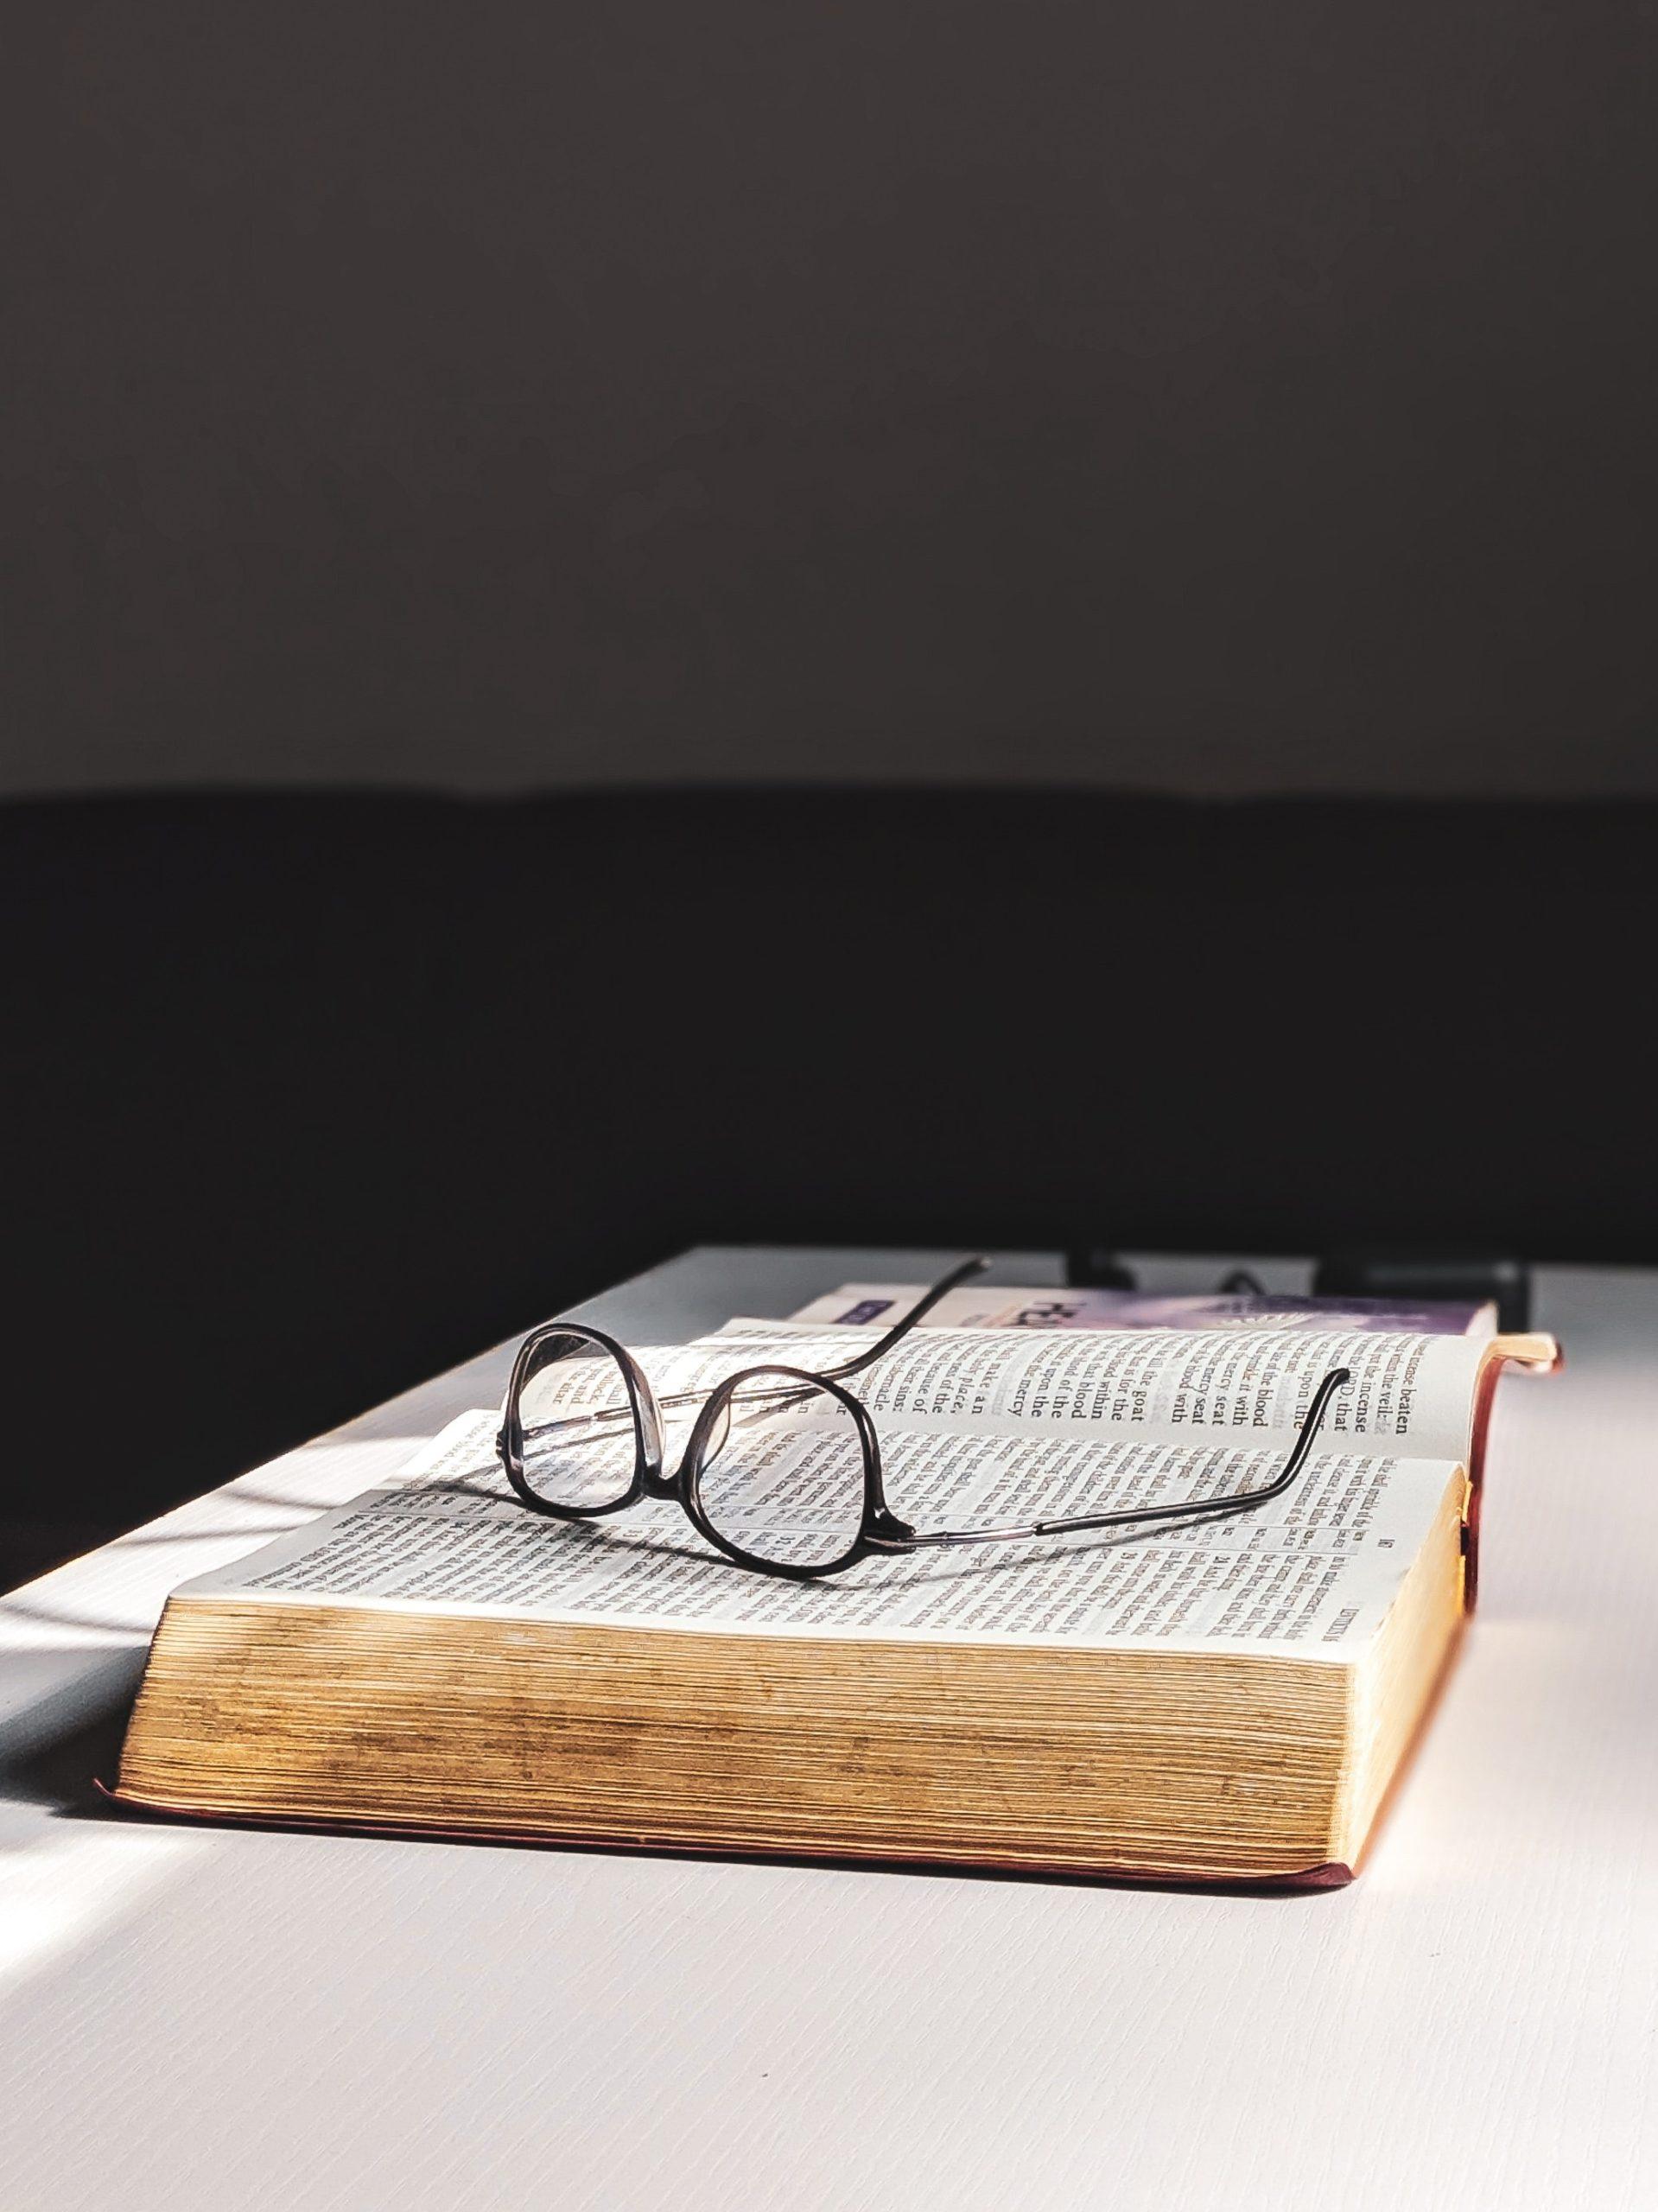 Lesebrille auf Buch liegend